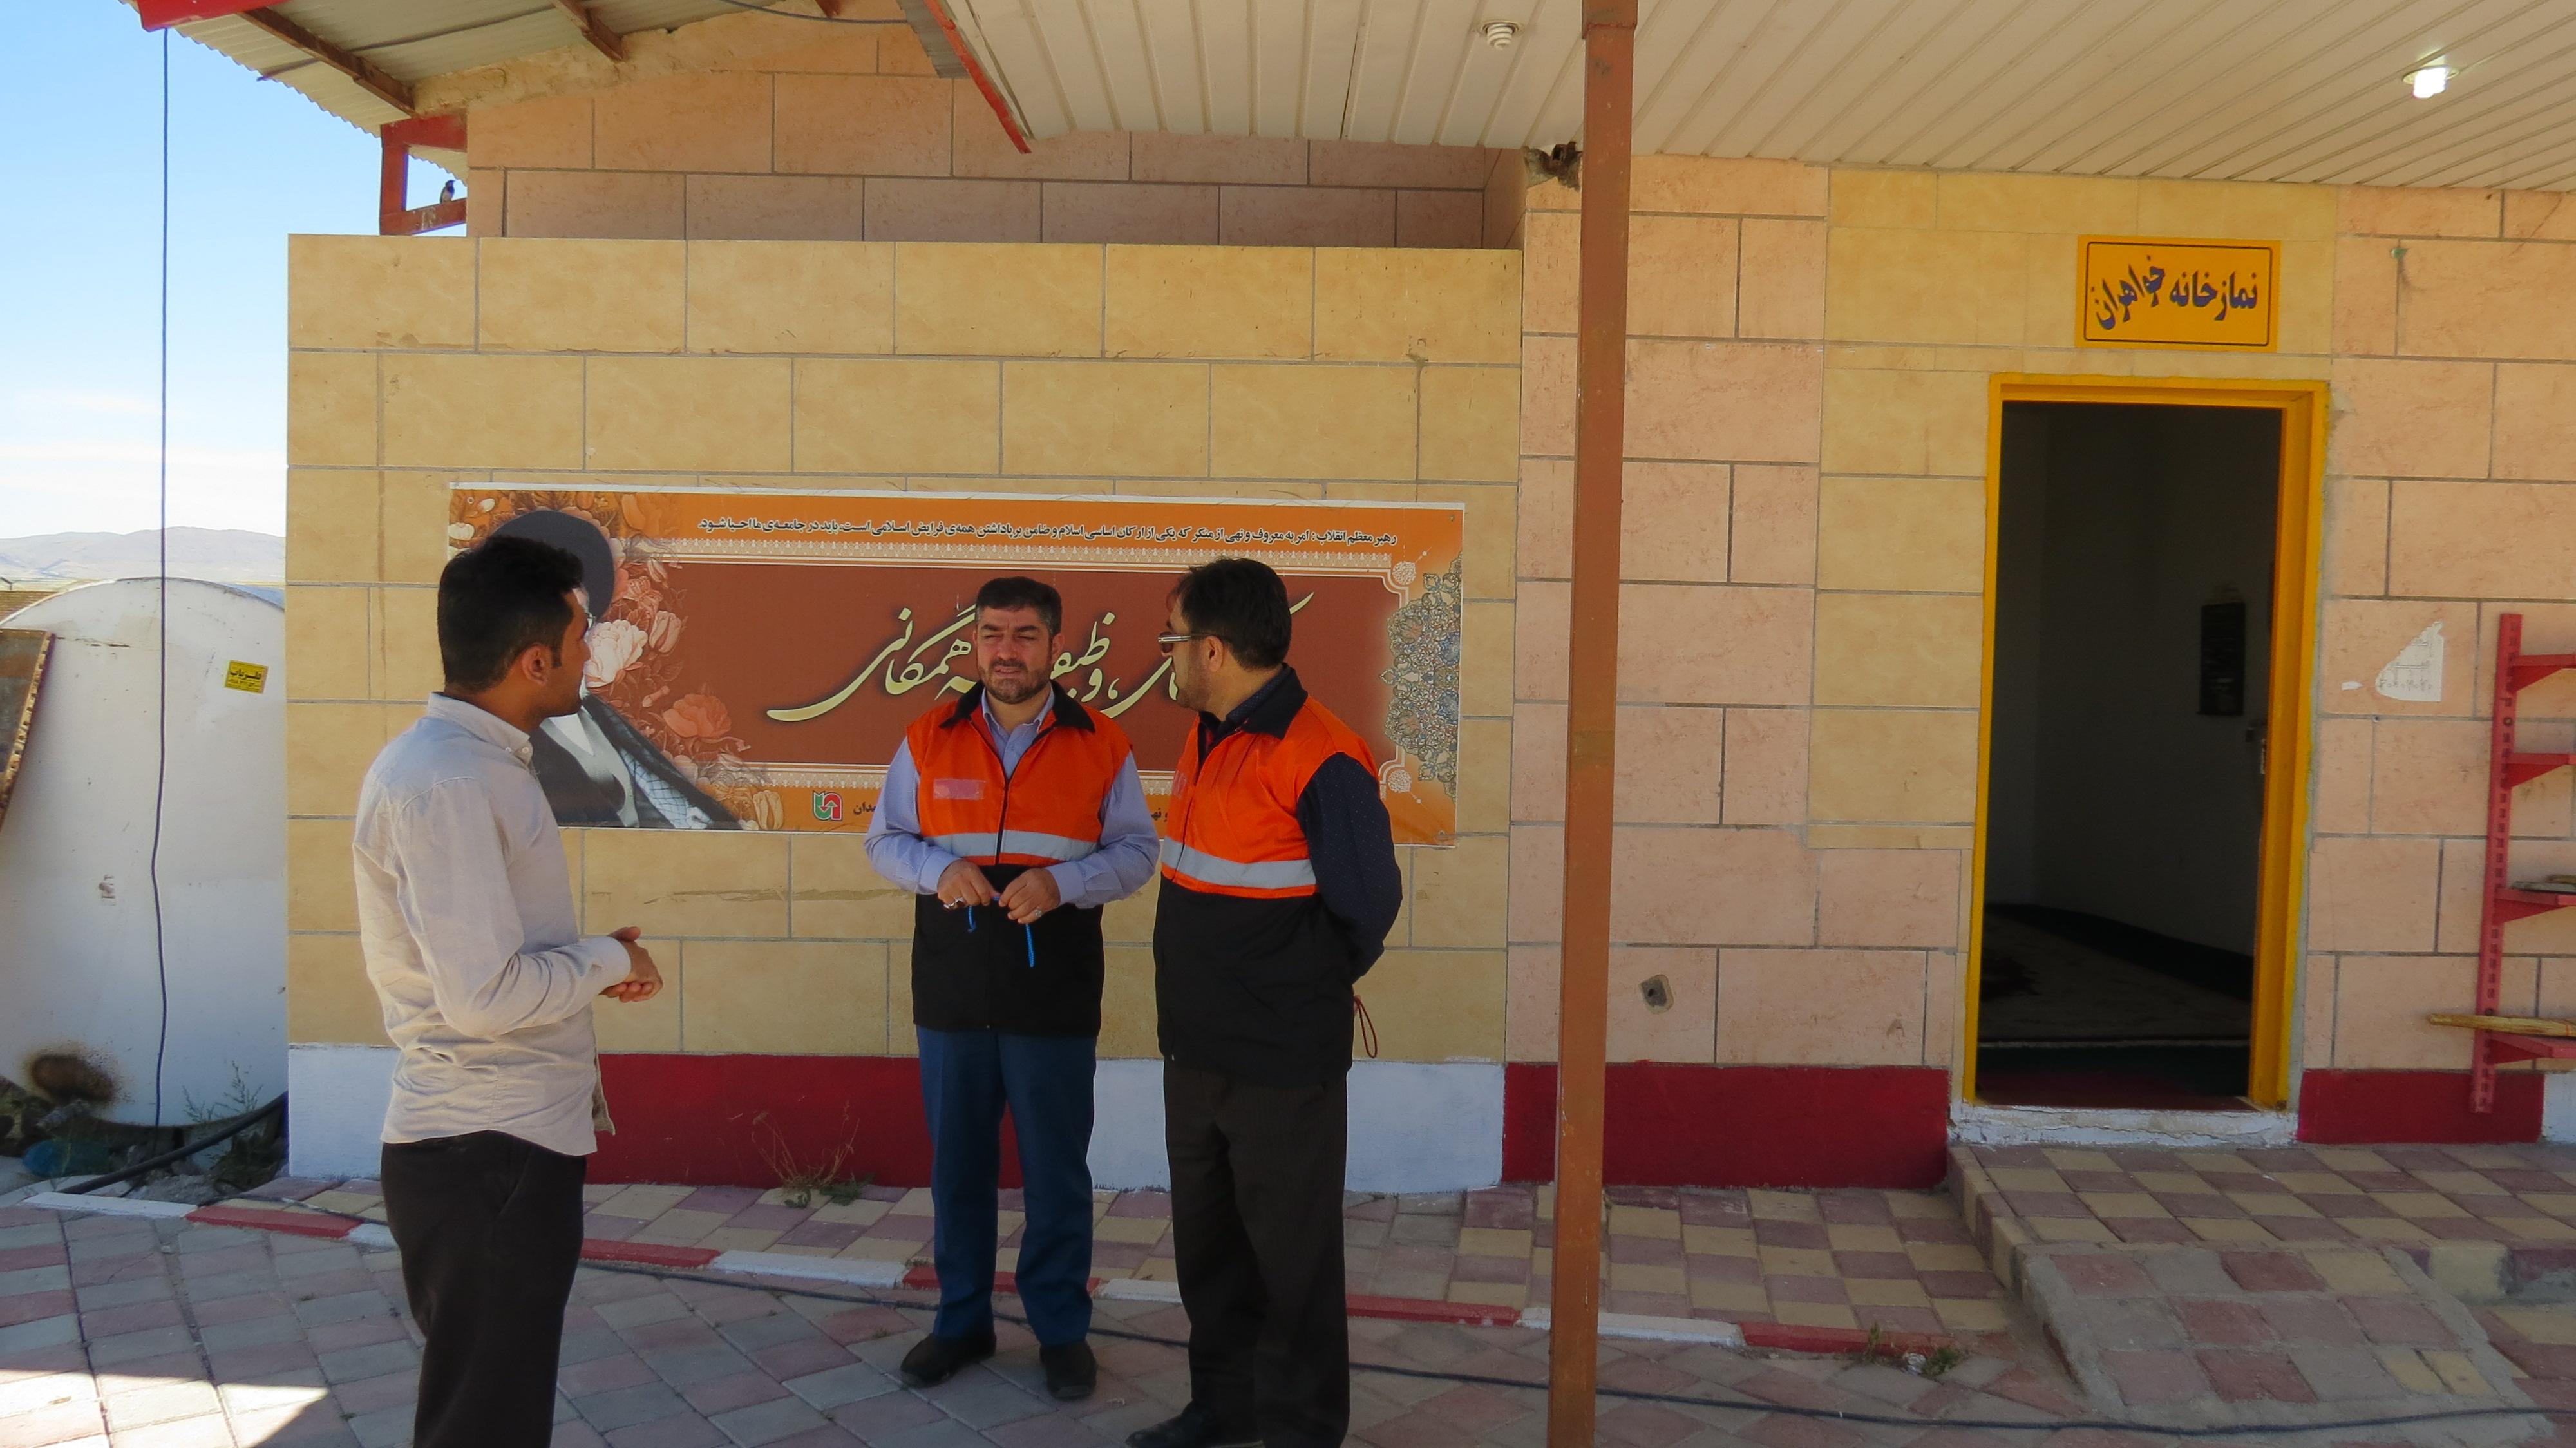 نمازخانه مجتمعهای خدماتی رفاهی استان میزبان زائران اربعین حسینی